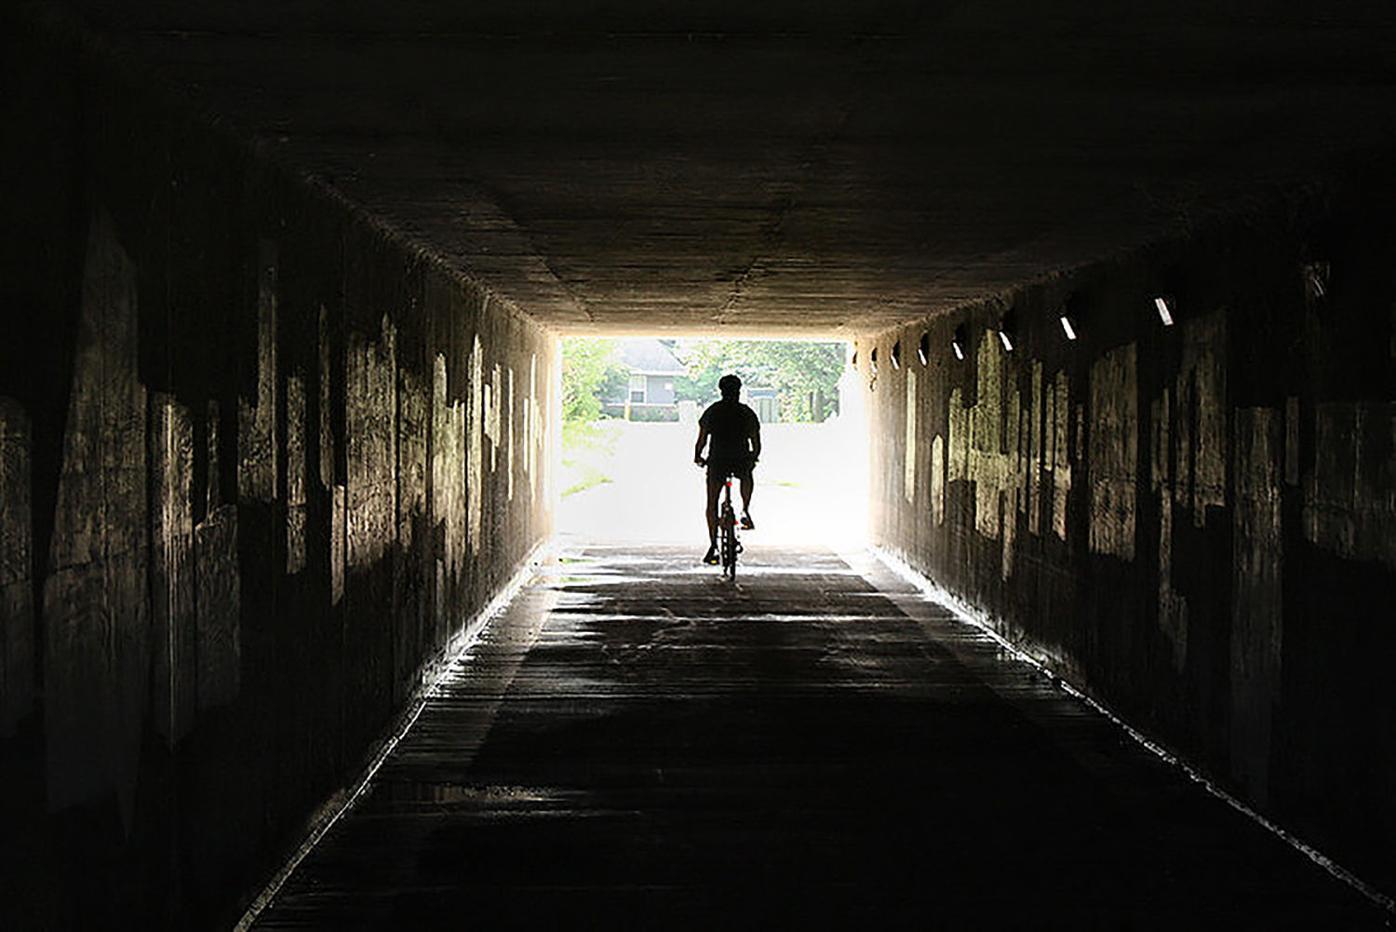 Bike bath tunnel connection under Highway 151